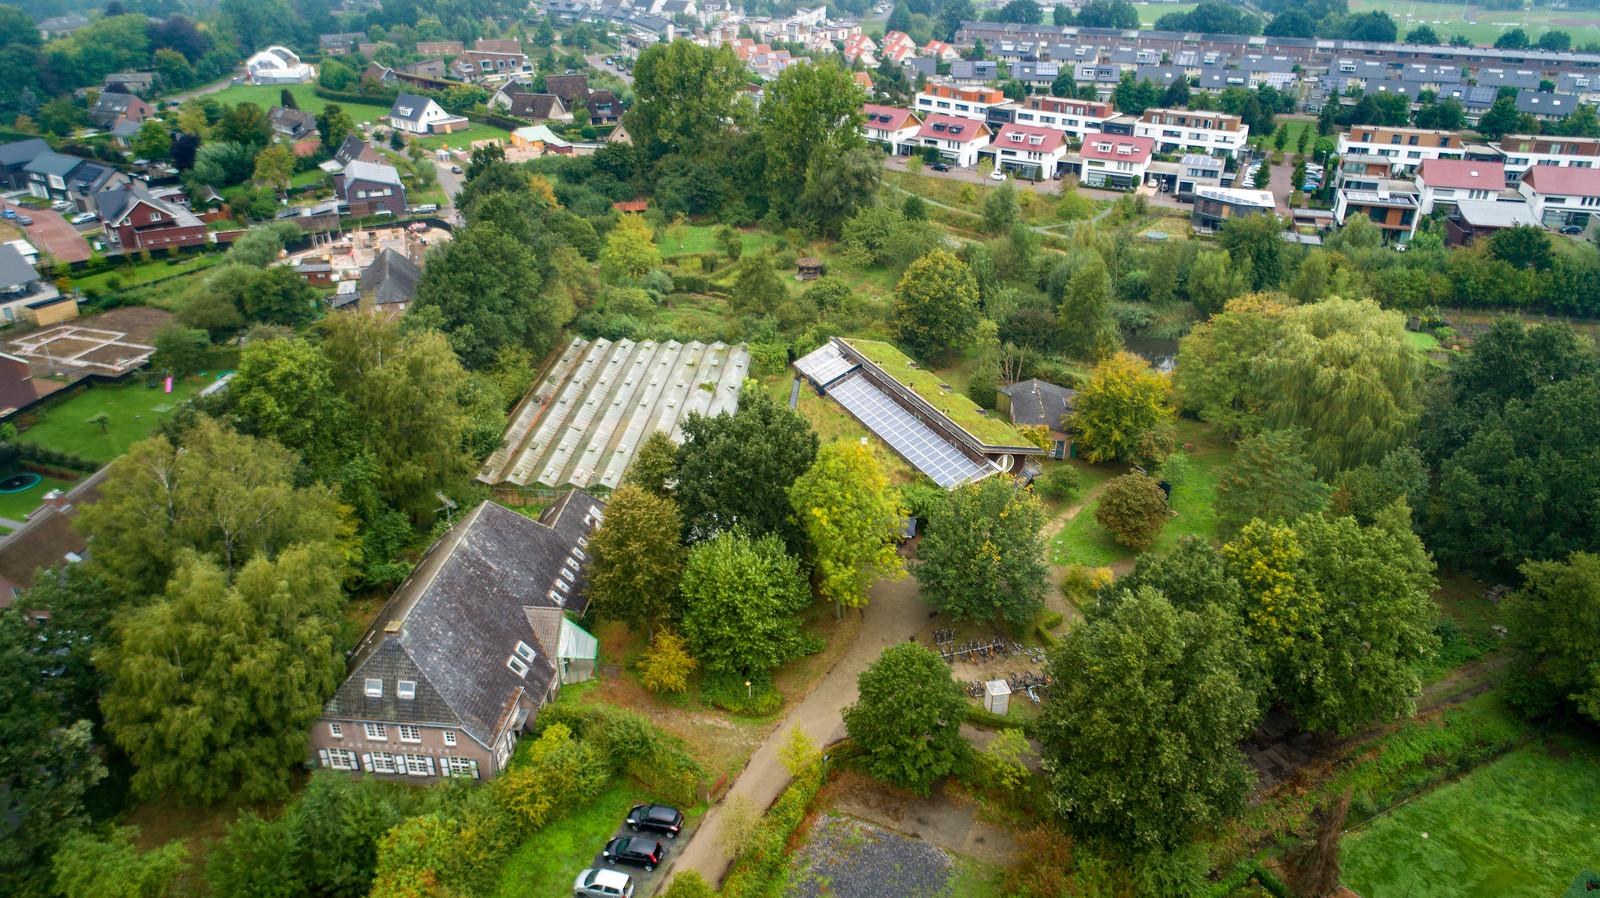 Boxtel kijkt onder meer naar het voormalige terrein van De Kleine Aarde als proeflocatie voor alternatieven woningen.